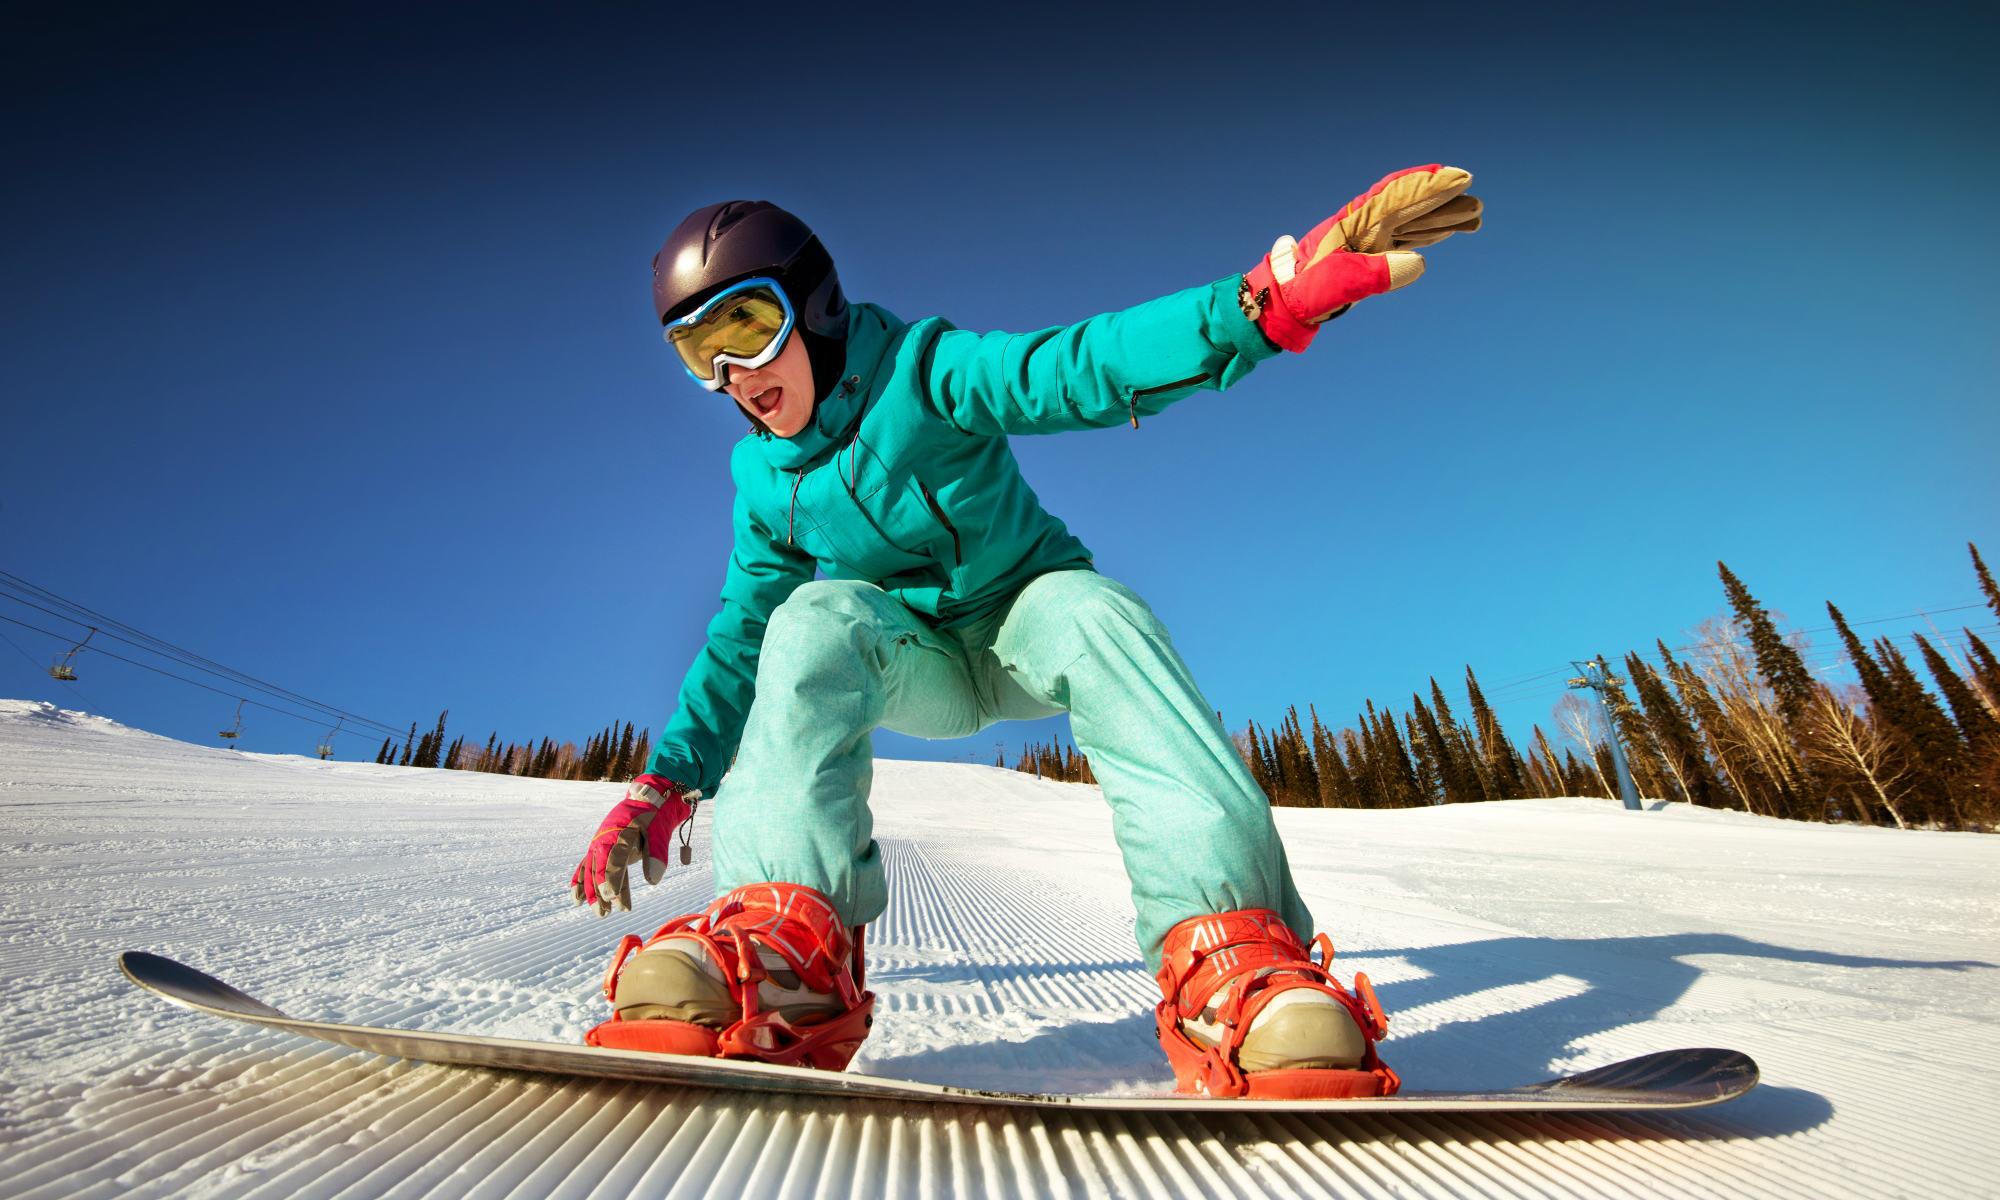 Una ragazza sullo snowboard in procinto di cadere sulla neve.